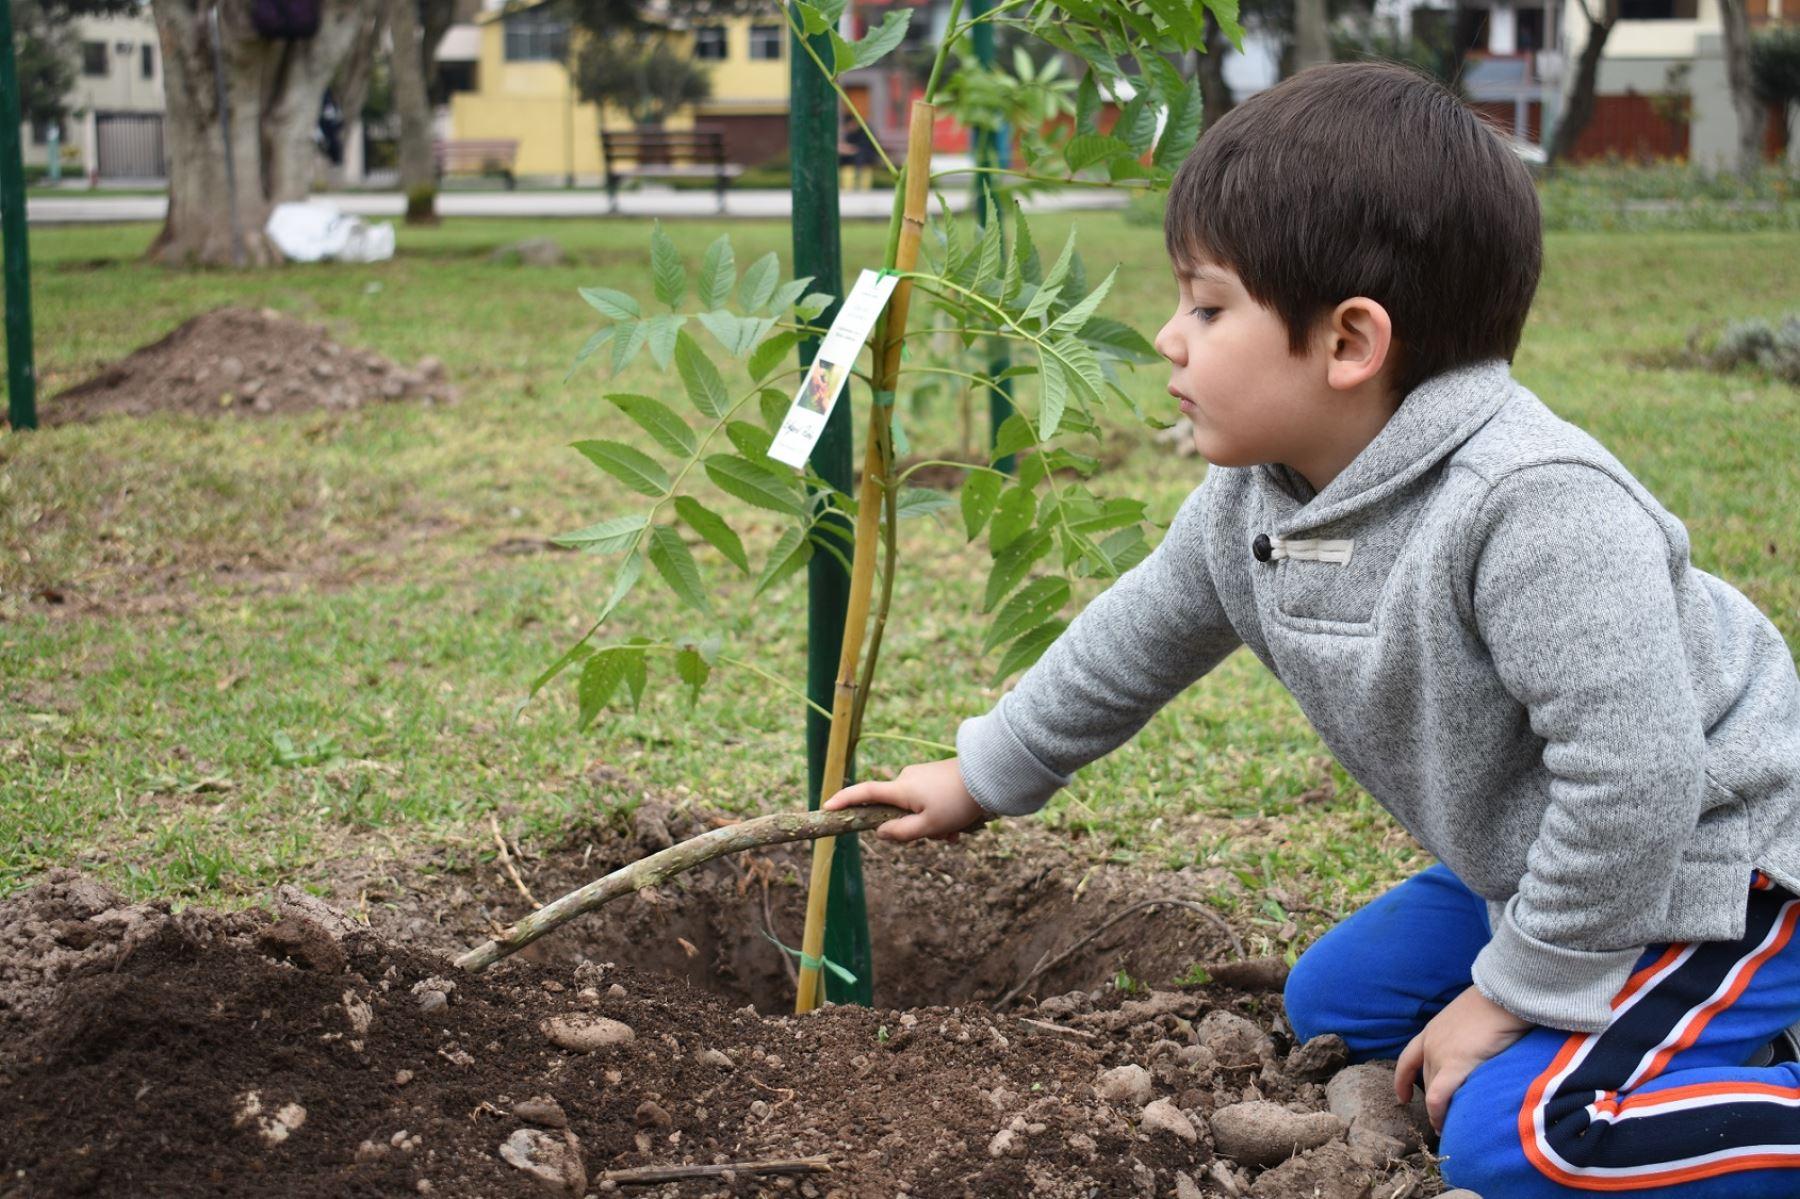 Los interesados deben completar una solicitud, contar con espacios en jardines exteriores y comprometerse al cuidado del árbol recibido. Foto: ANDINA/Municipalidad de San Borja